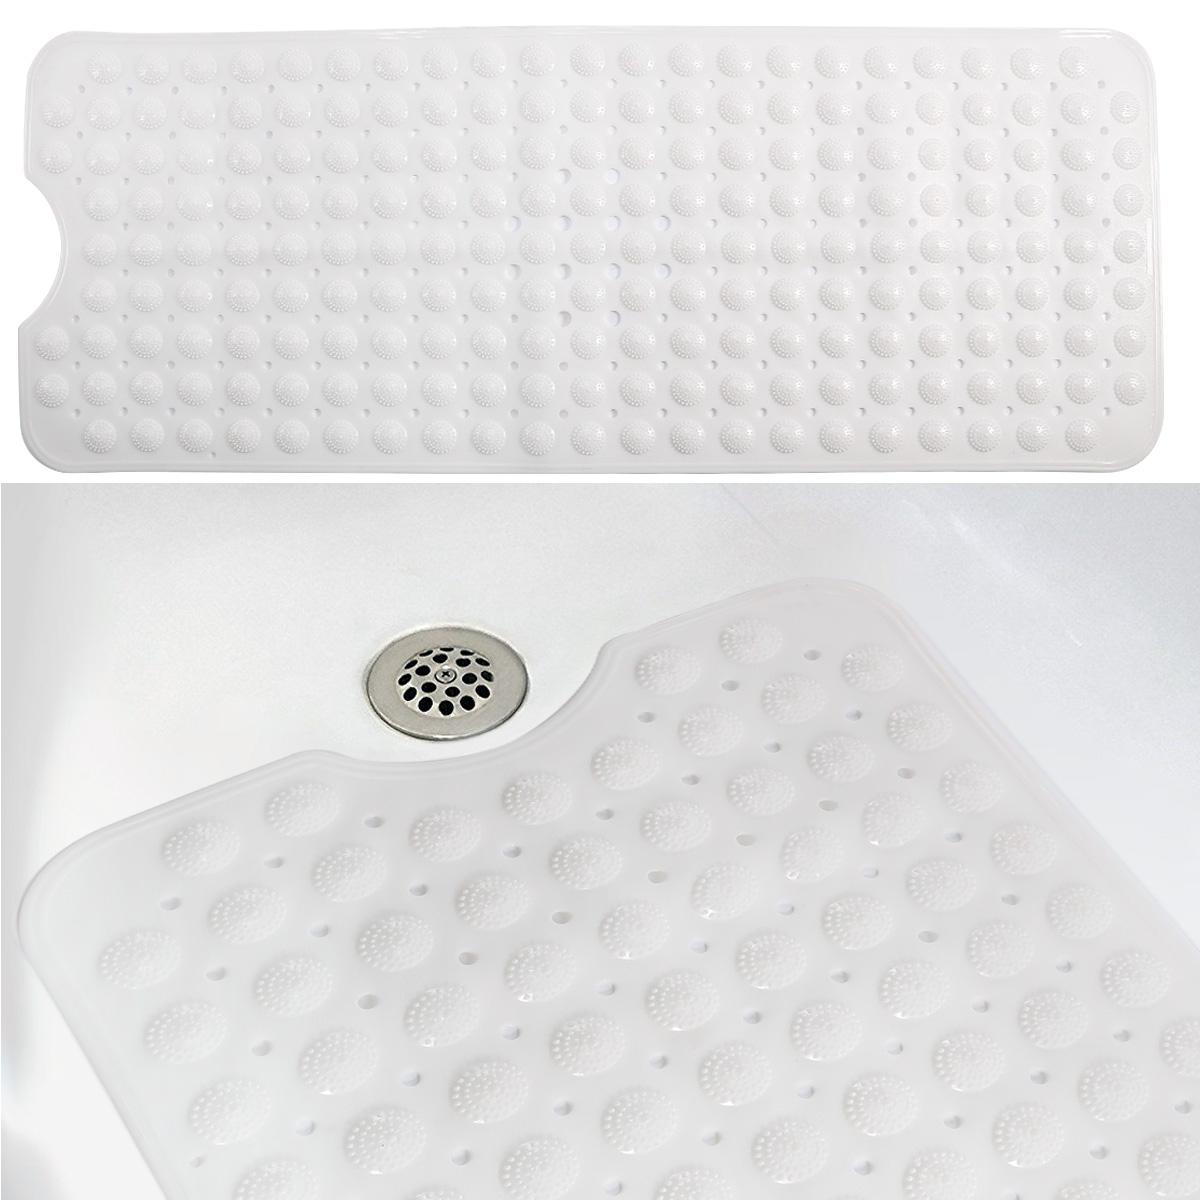 Full Size of Antirutschmatte Dusche Rossmann Bauhaus Waschbar Test Ikea Schimmel Dm Kinder Rund Reinigen Waschen Bodenebene Begehbare Ohne Tür Bodengleiche Fliesen Kleine Dusche Antirutschmatte Dusche